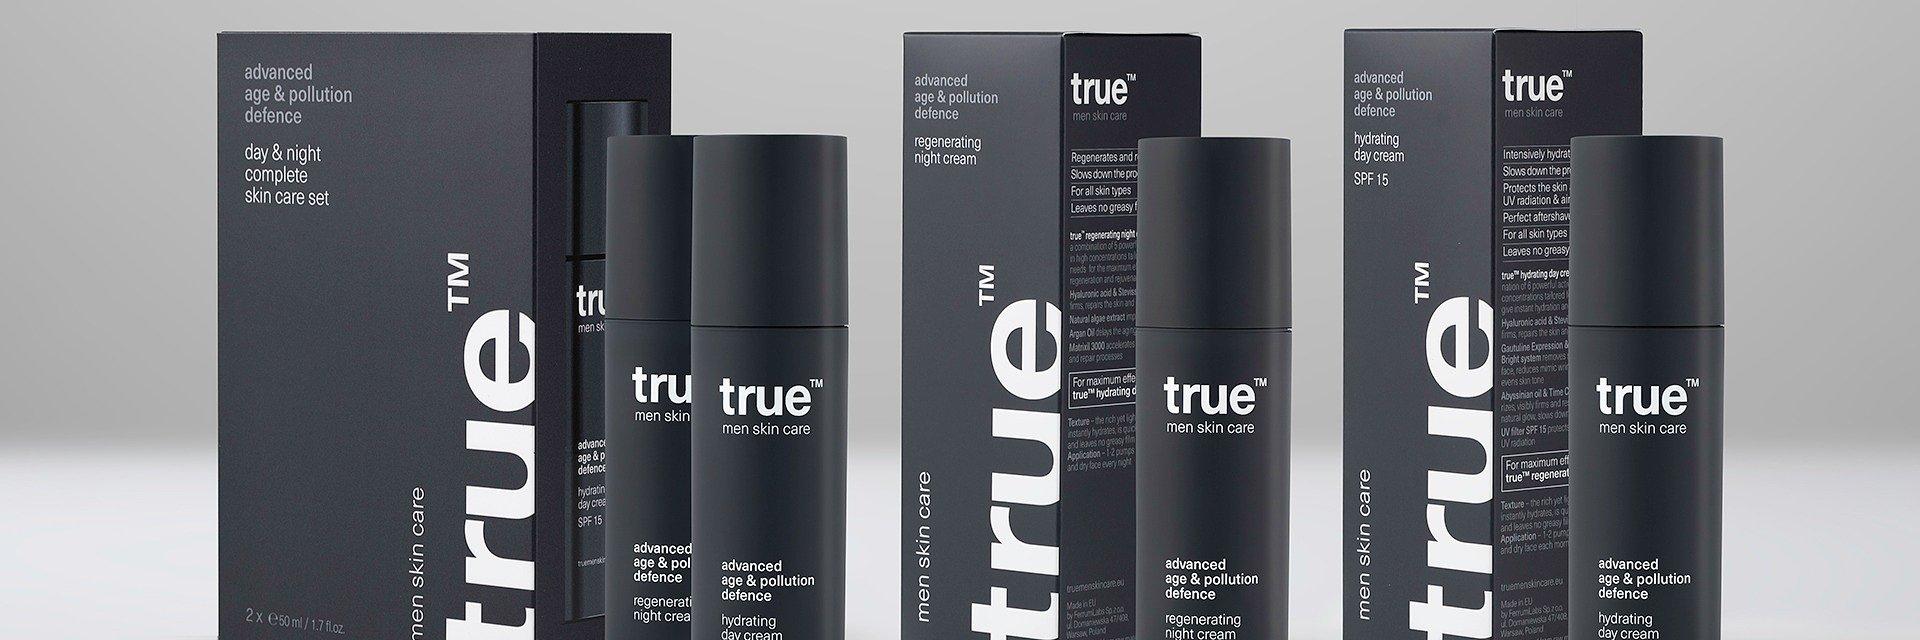 Kosmetyki dla mężczyzn idą po crowdfunding. Zapowiedź emisji FerrumLabs S.A.